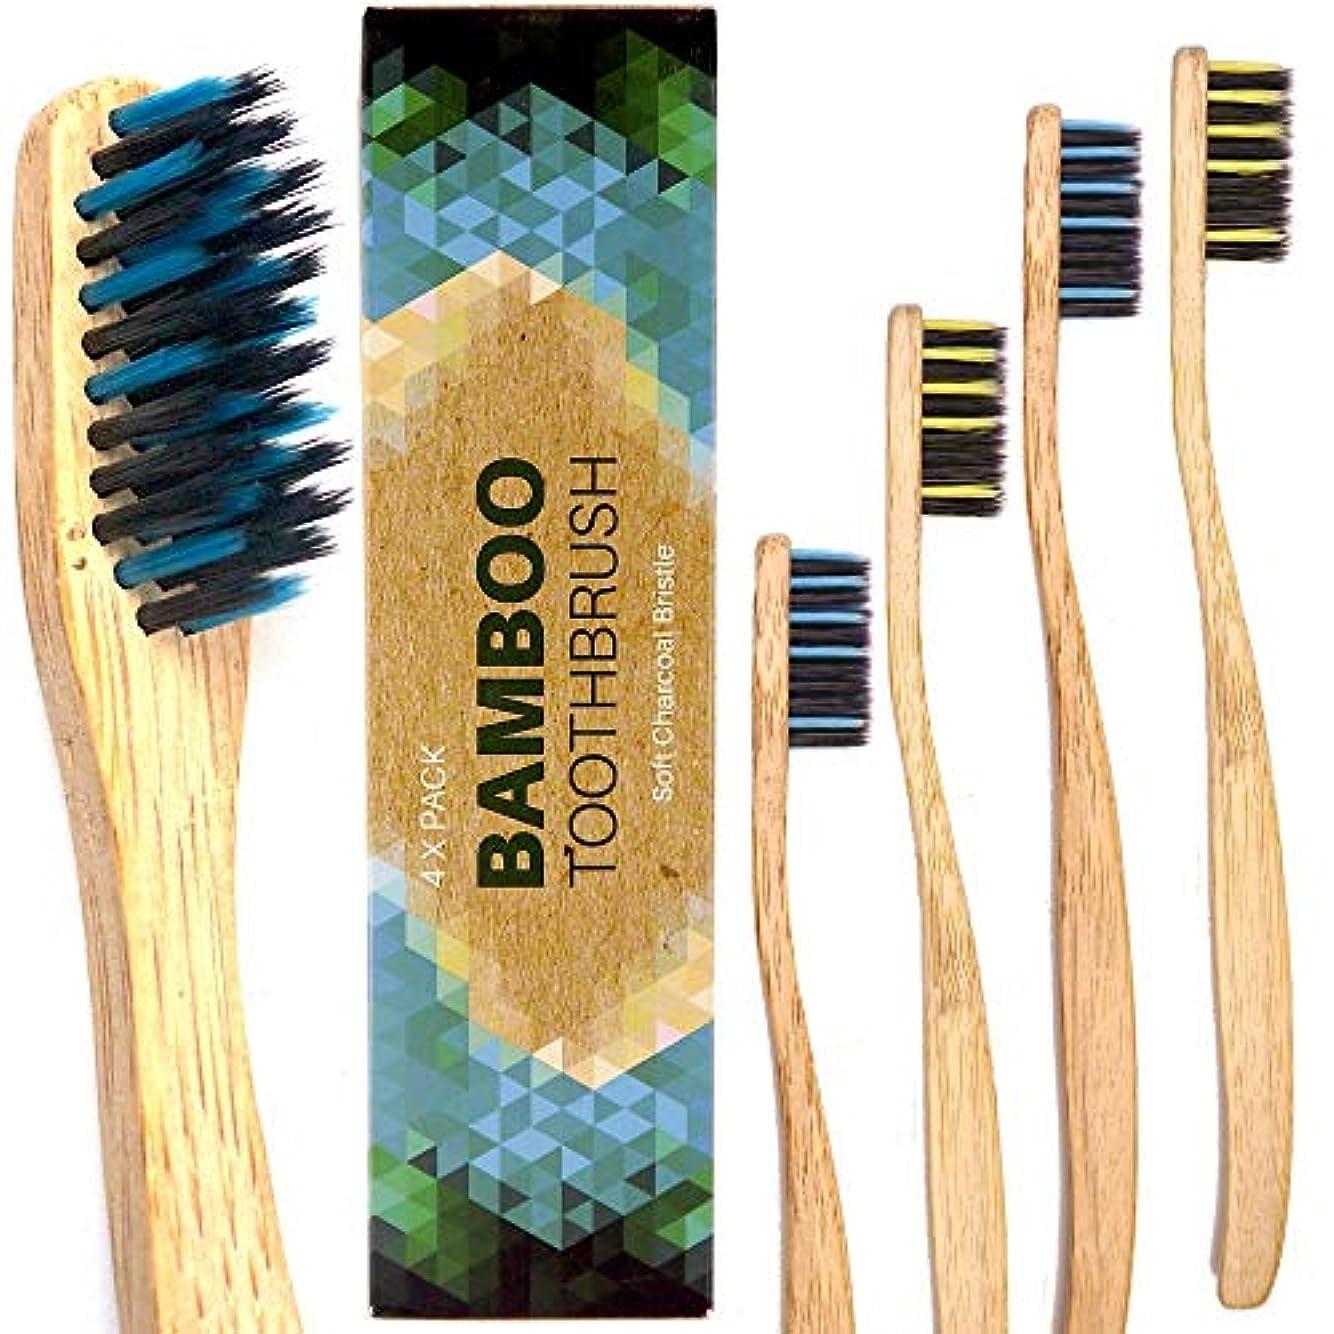 瞳美容師絡み合い竹製歯ブラシ。チャコールブリストル大人 - ミディアム及びソフト、生分解性、ビーガン、バイオ、エコ、持続可能な木製ハンドル4本パック4 Bamboo Toothbrushes, ホワイトニング 歯, ドイツの品質, 竹歯ブラシ